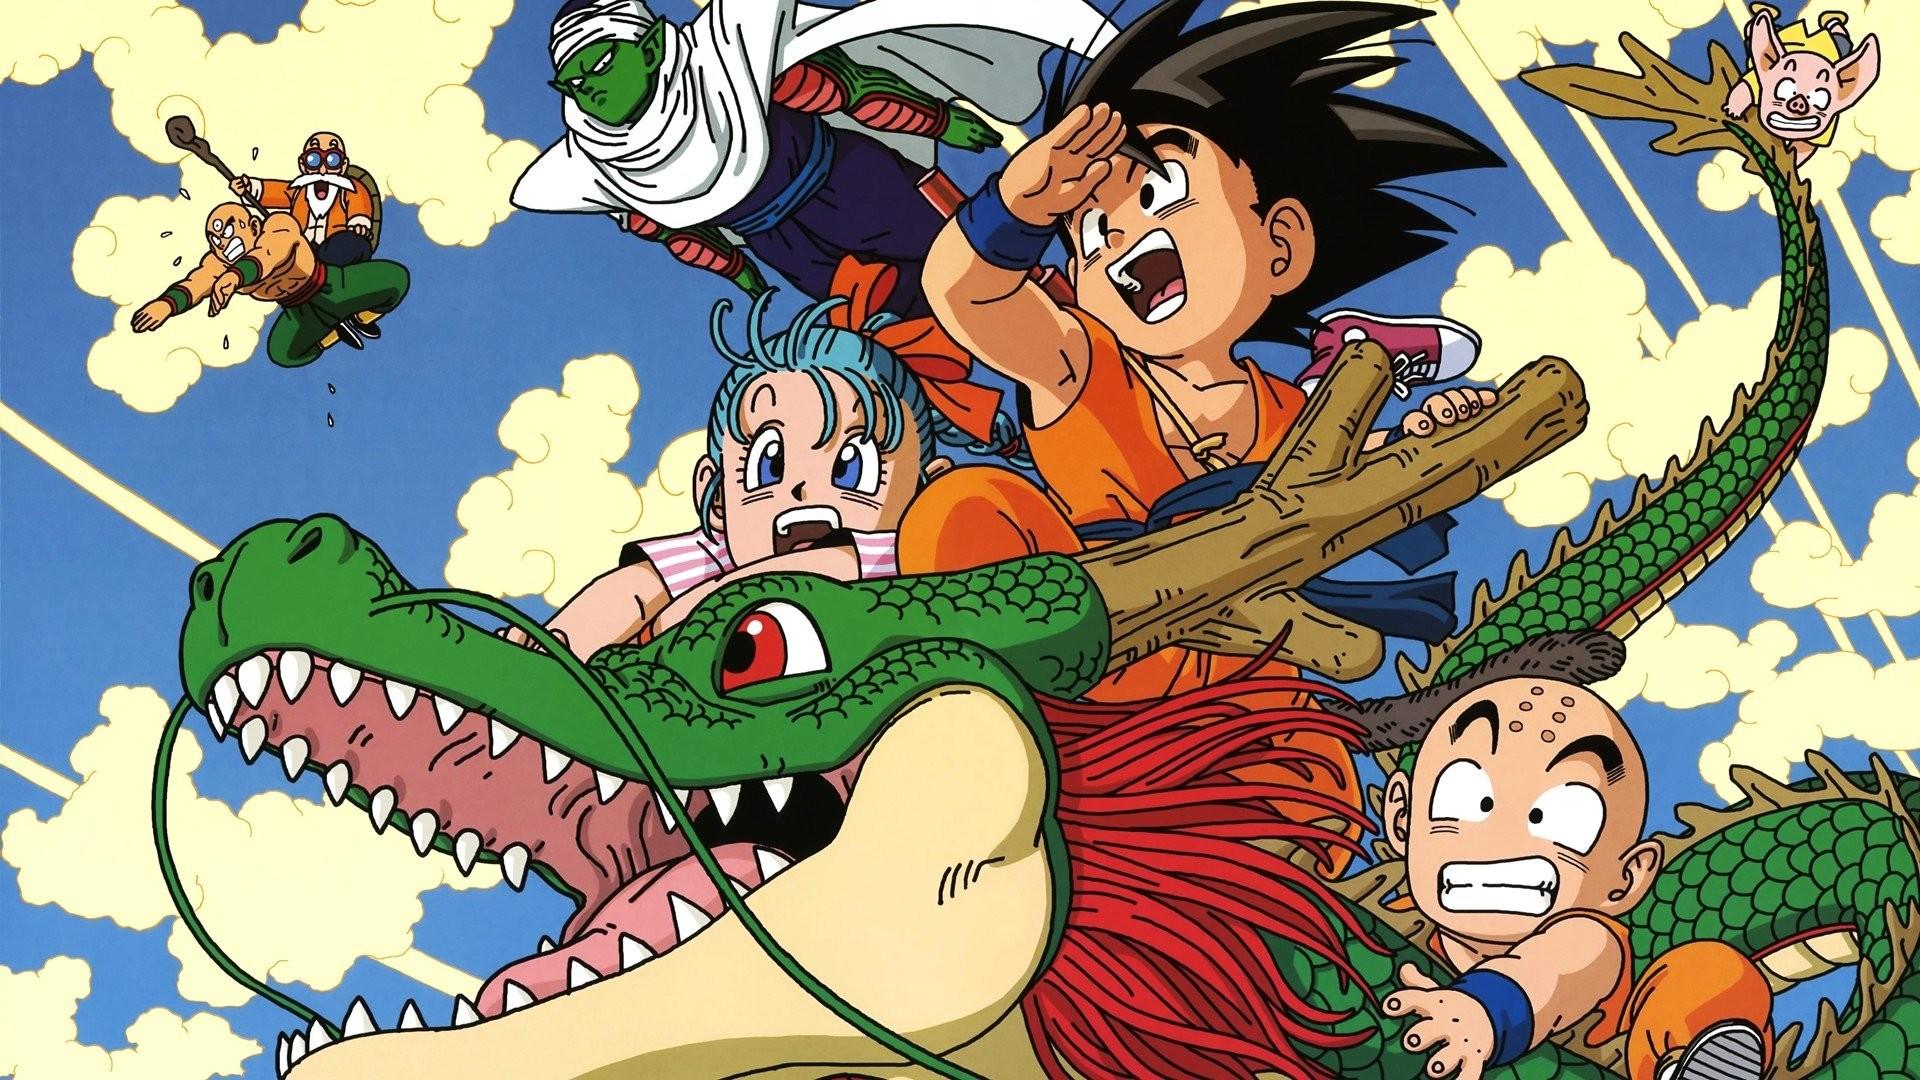 Bulma Dragon Ball Z Dragons Goku Krillin Master Roshi Piccolo Tien